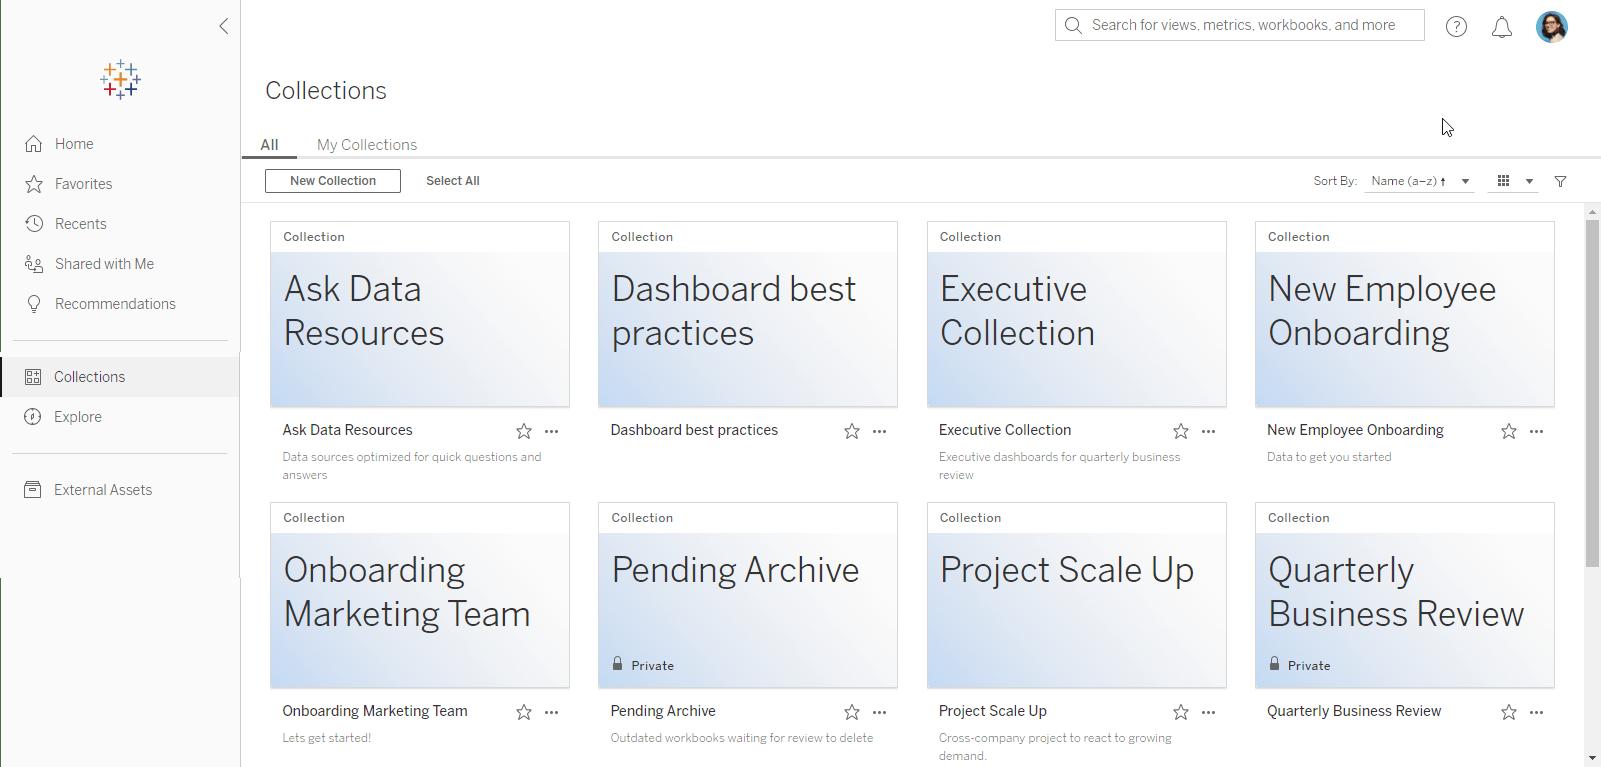 Коллекции таблиц изображений, показывающие активы данных, которые были сгруппированы и отобраны по соответствующим темам в разных проектах.